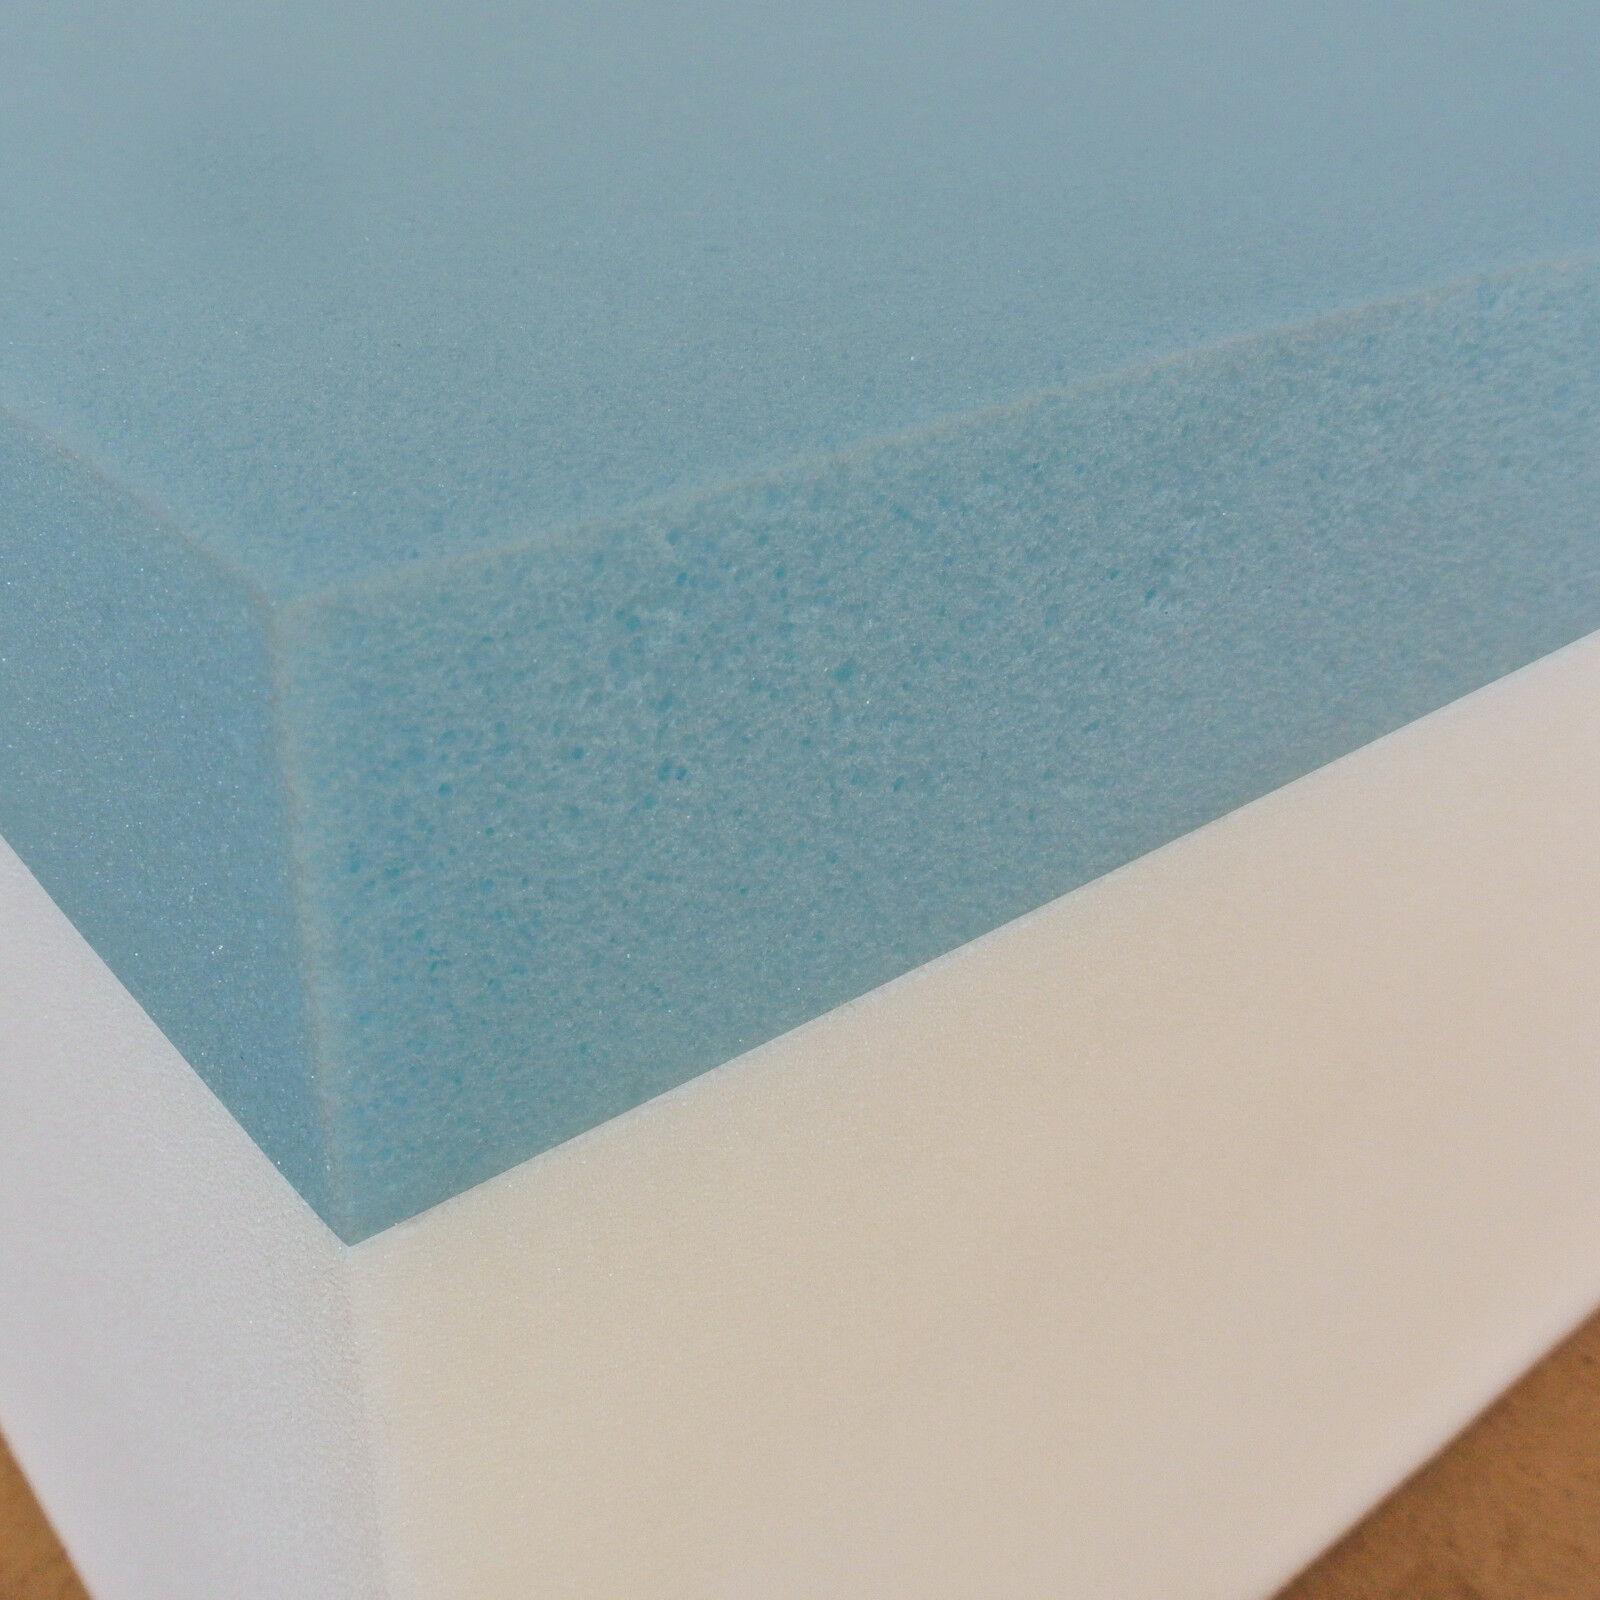 Materasso Memory Foam H25 Cm Mysuite Baldiflex Antiacaro Ortopedico Primo Prezzo • EUR 51,69 ...